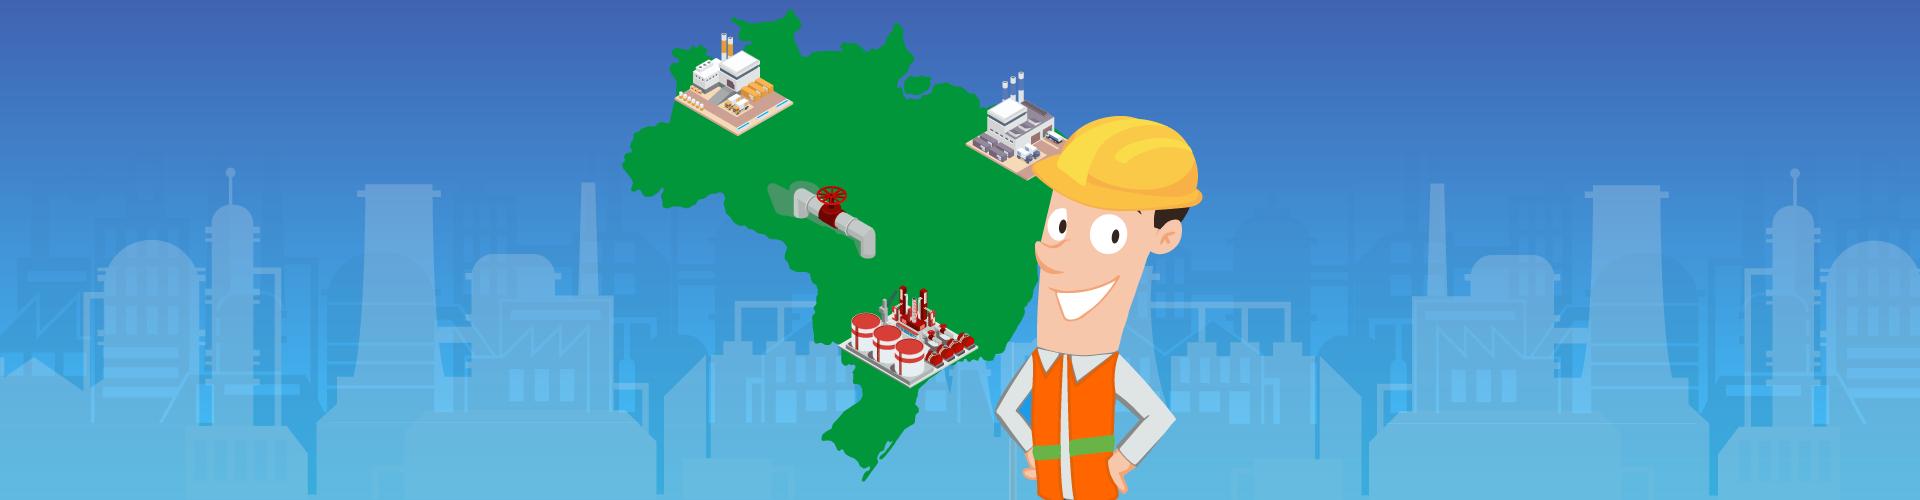 Automação Industrial – O Cenário Brasileiro em 4 Questões Urgentes